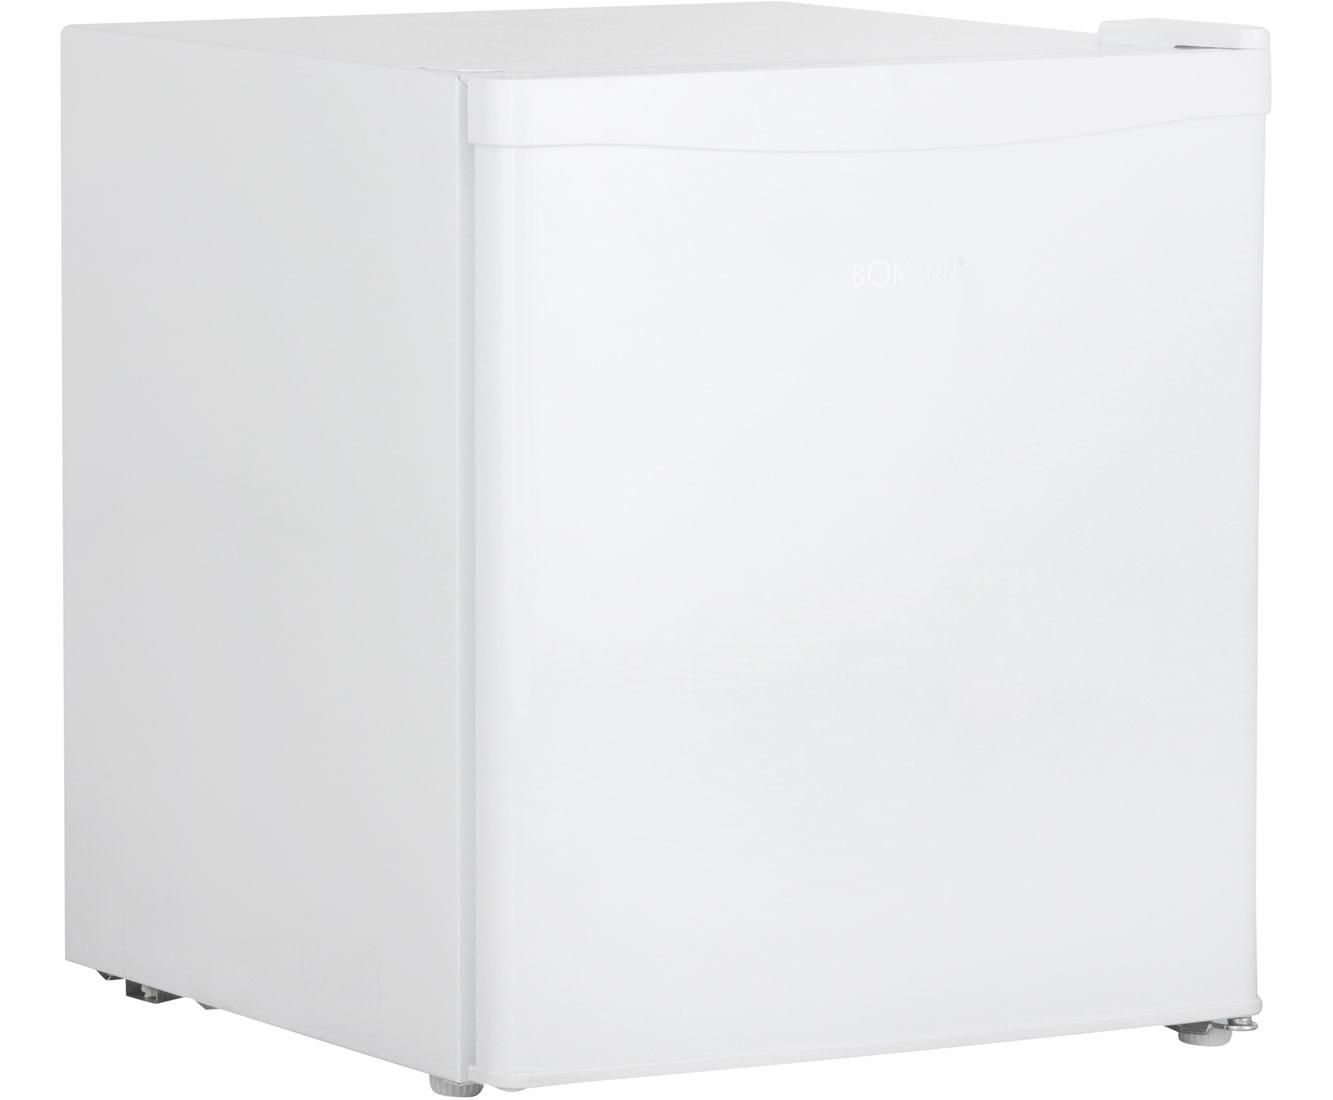 Bomann Kühlschrank Preisvergleich : Rabatt preisvergleich kühlen gefrieren u e kühlschränke